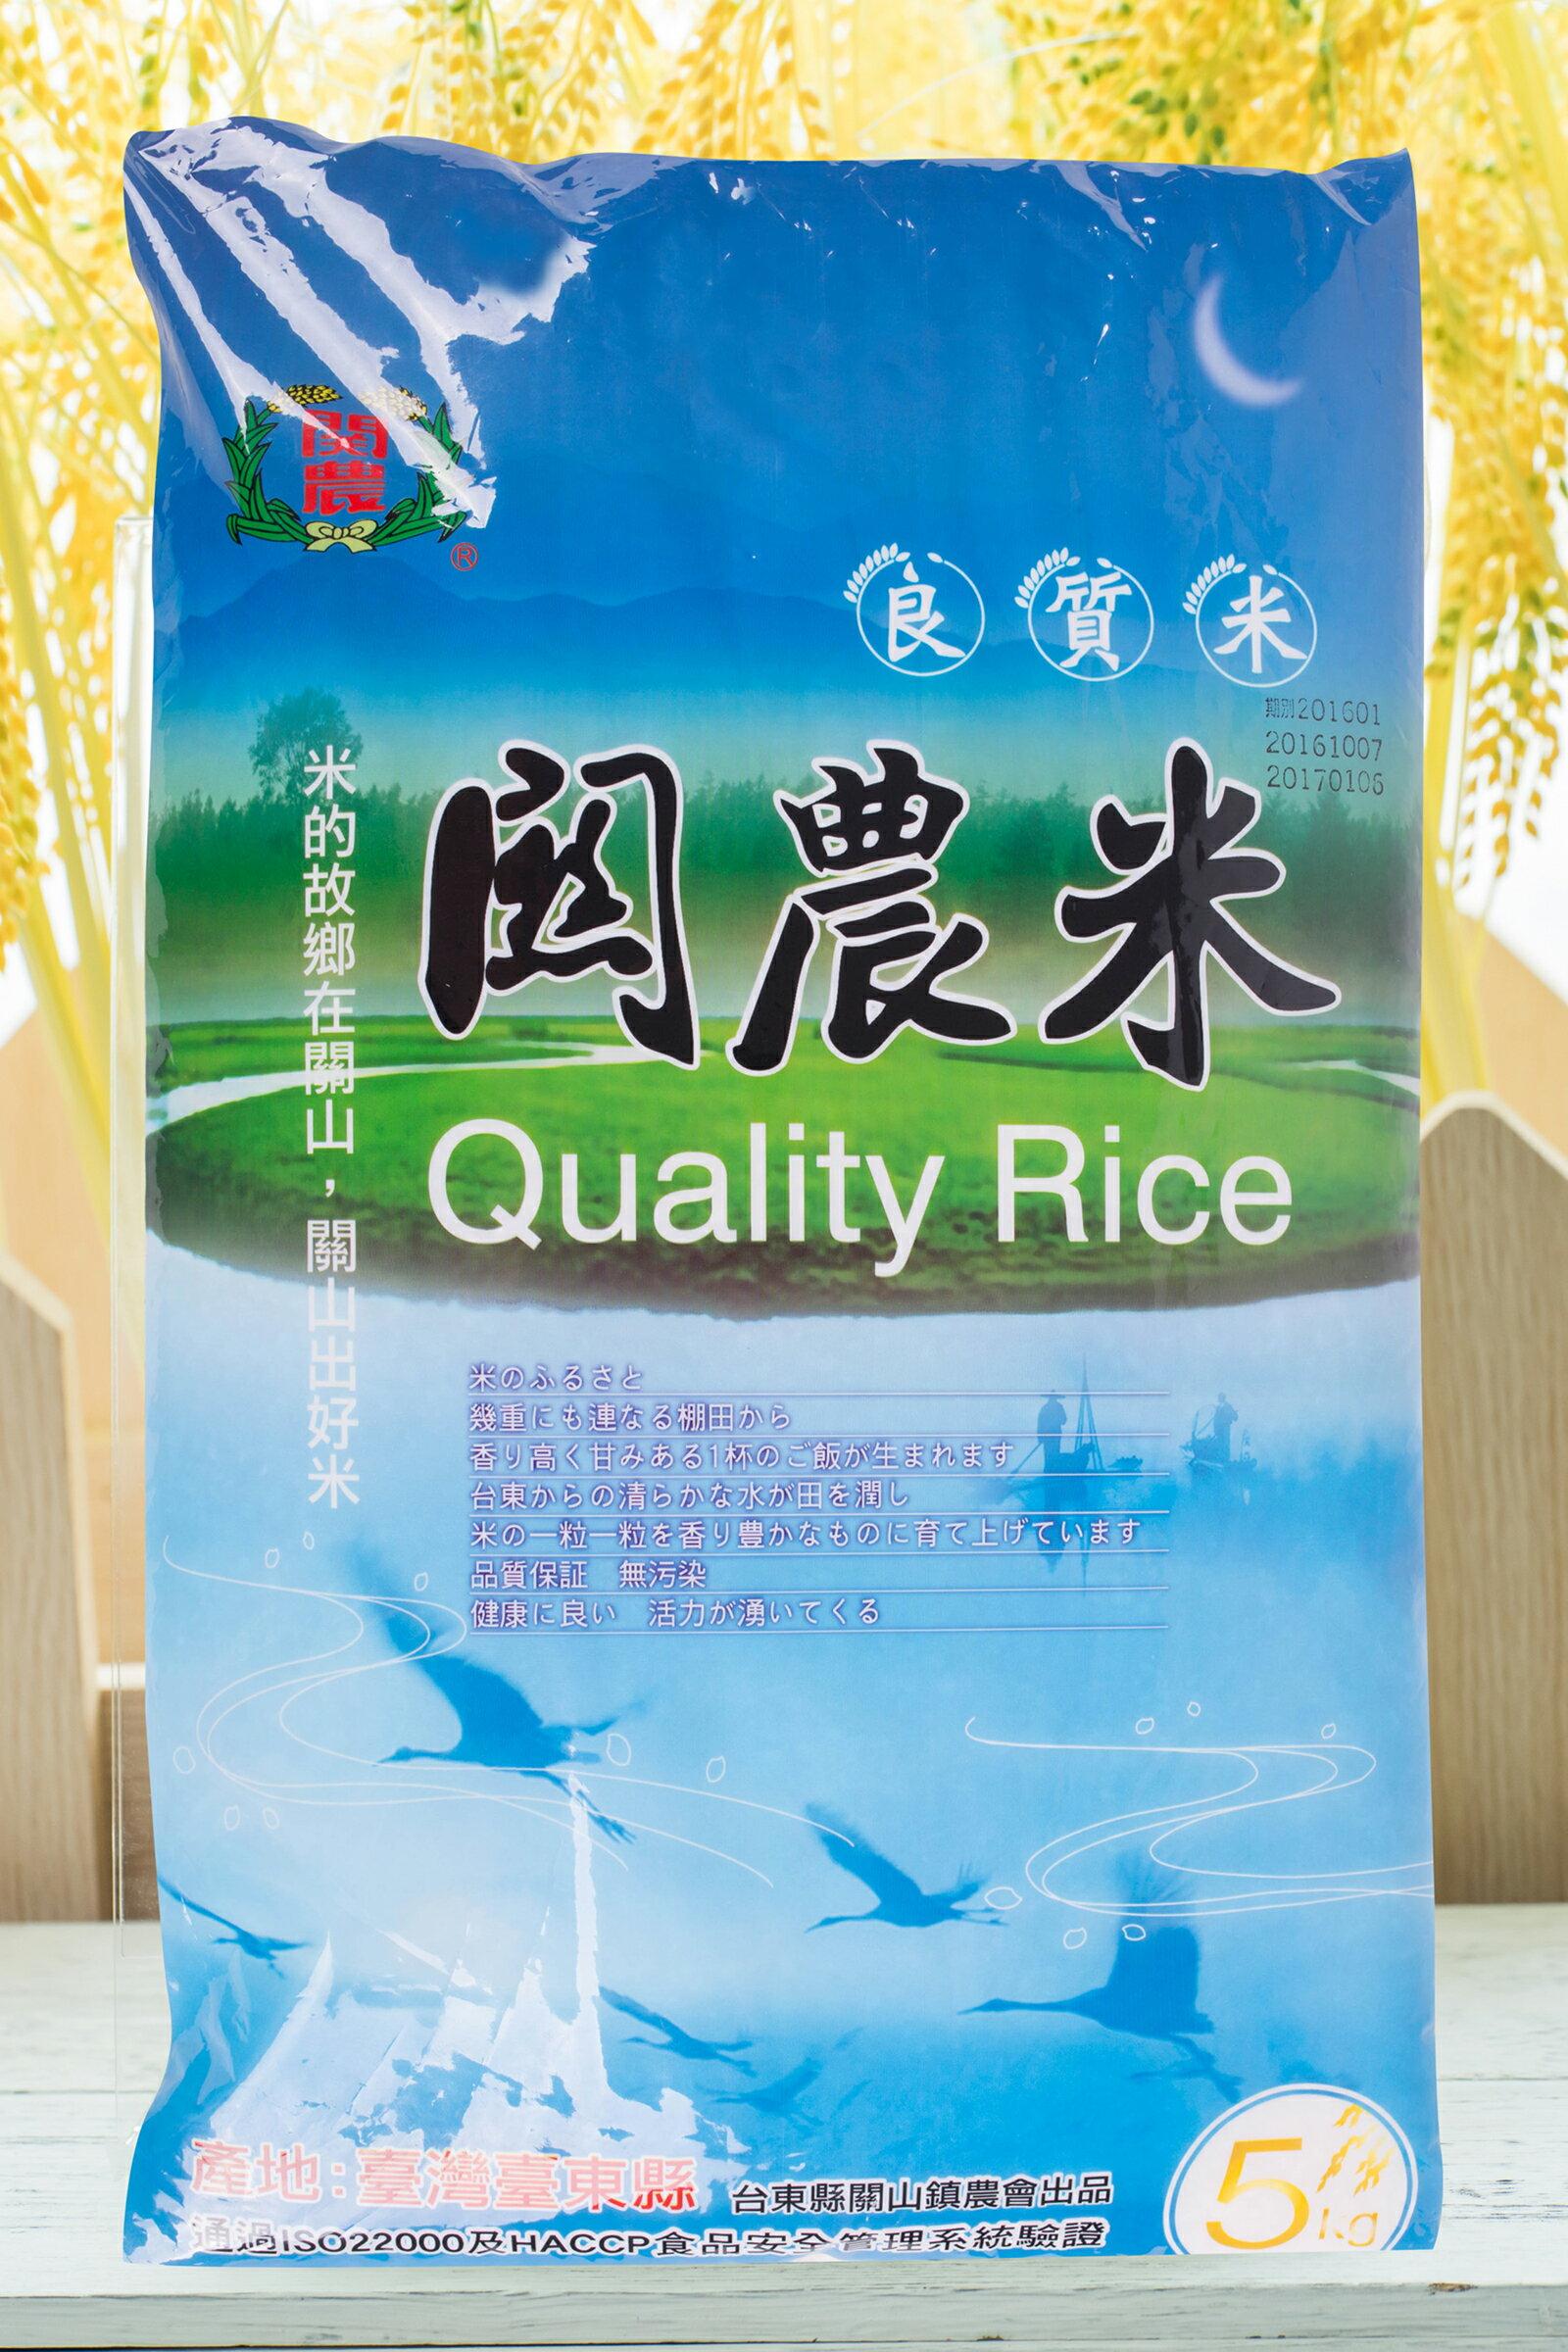 【?和燊】關農米5公斤 台東產地 關山米 花東好米 伴手禮 台東關山鎮農會